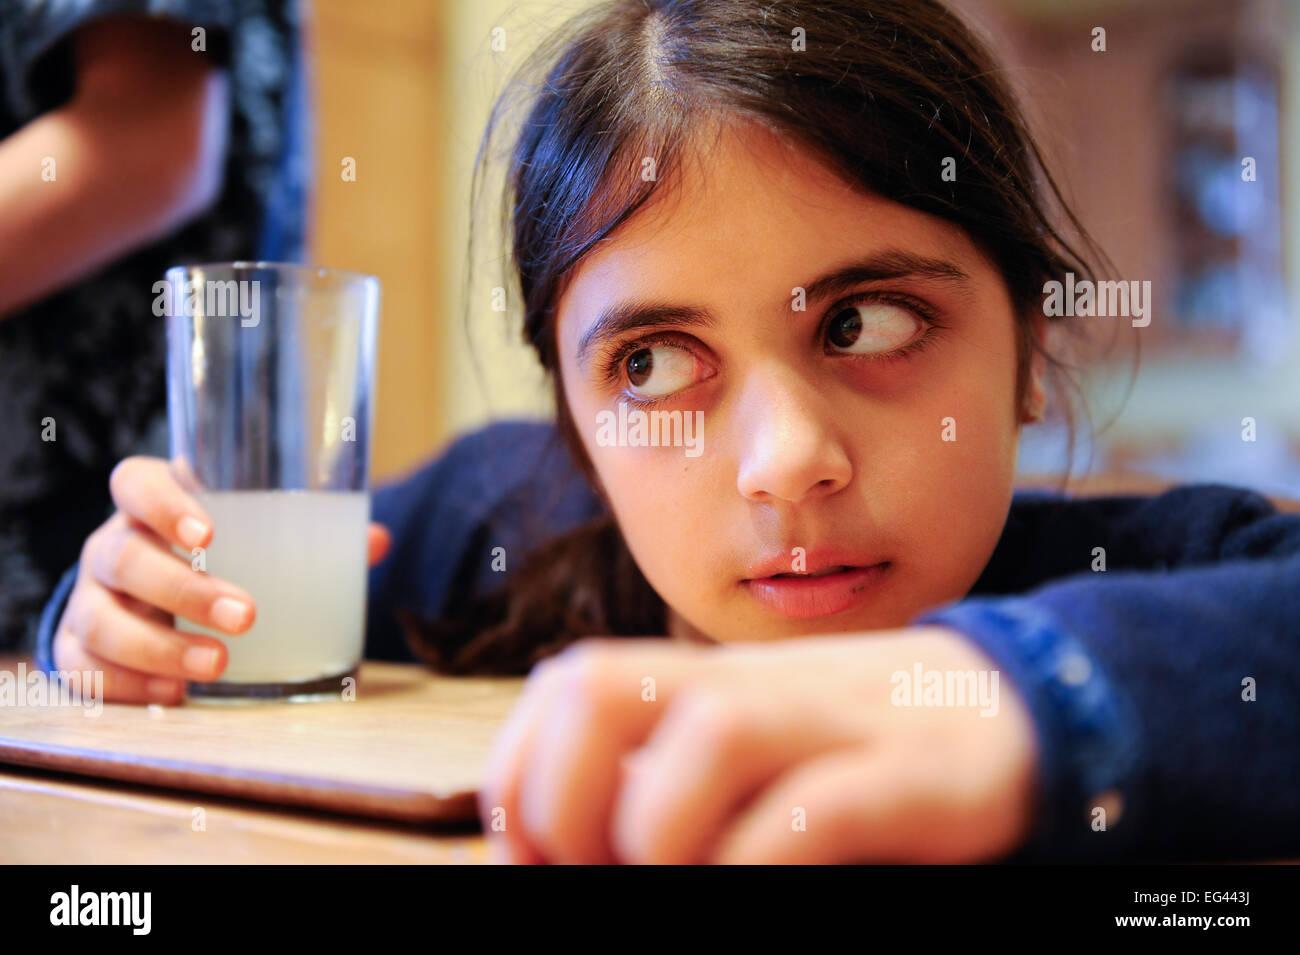 Jeune fille tenant un verre de limonade dans un verre croit profondément à ce qui se passe ailleurs dans Photo Stock